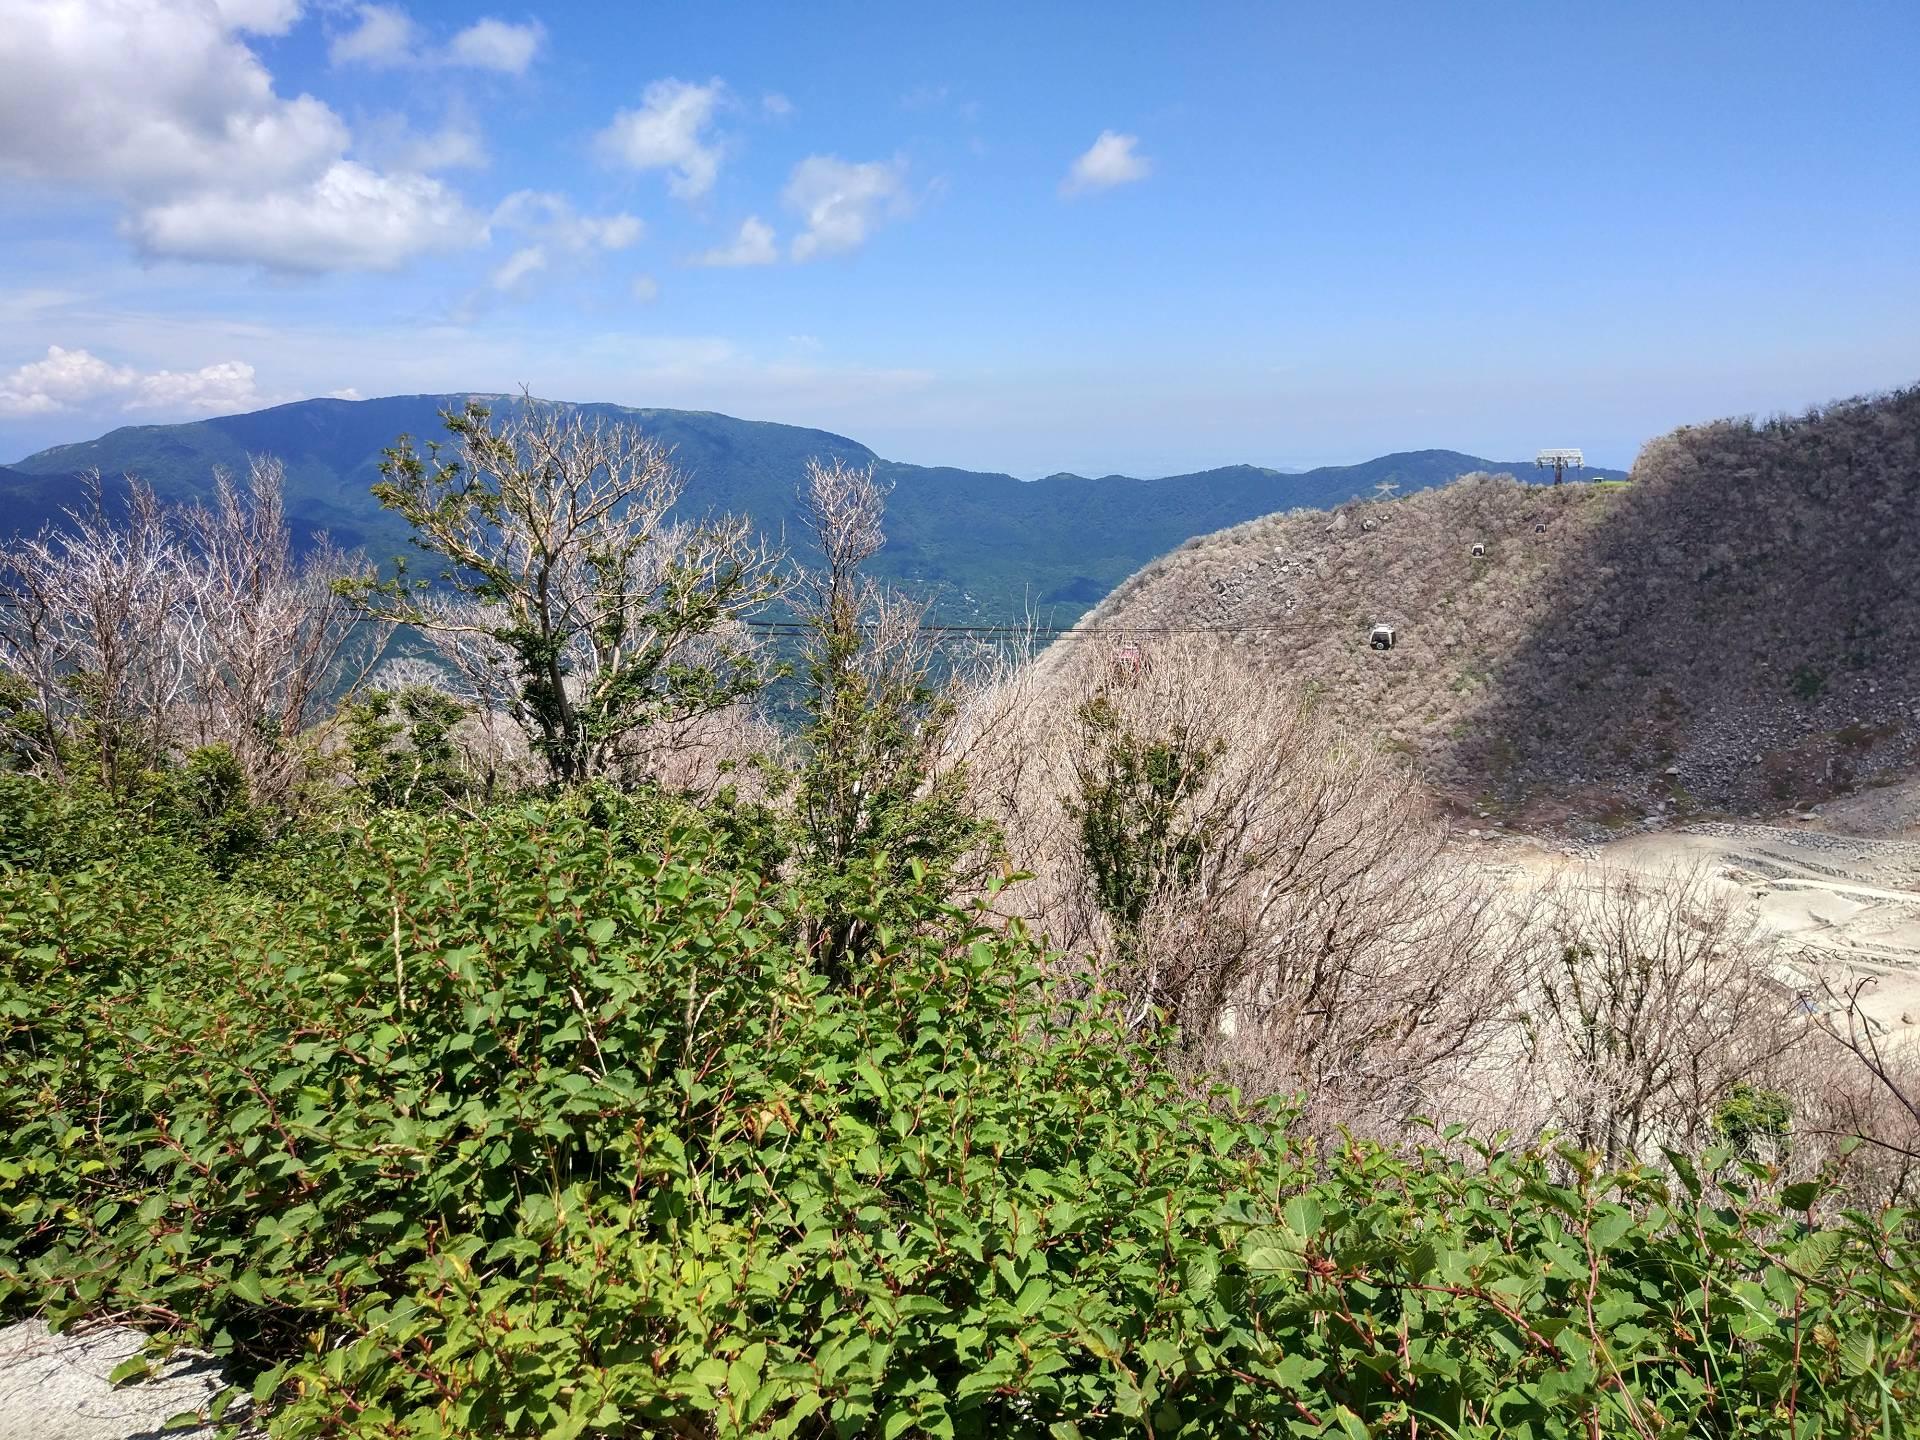 【旅行中的摄影师】温泉之乡---箱根